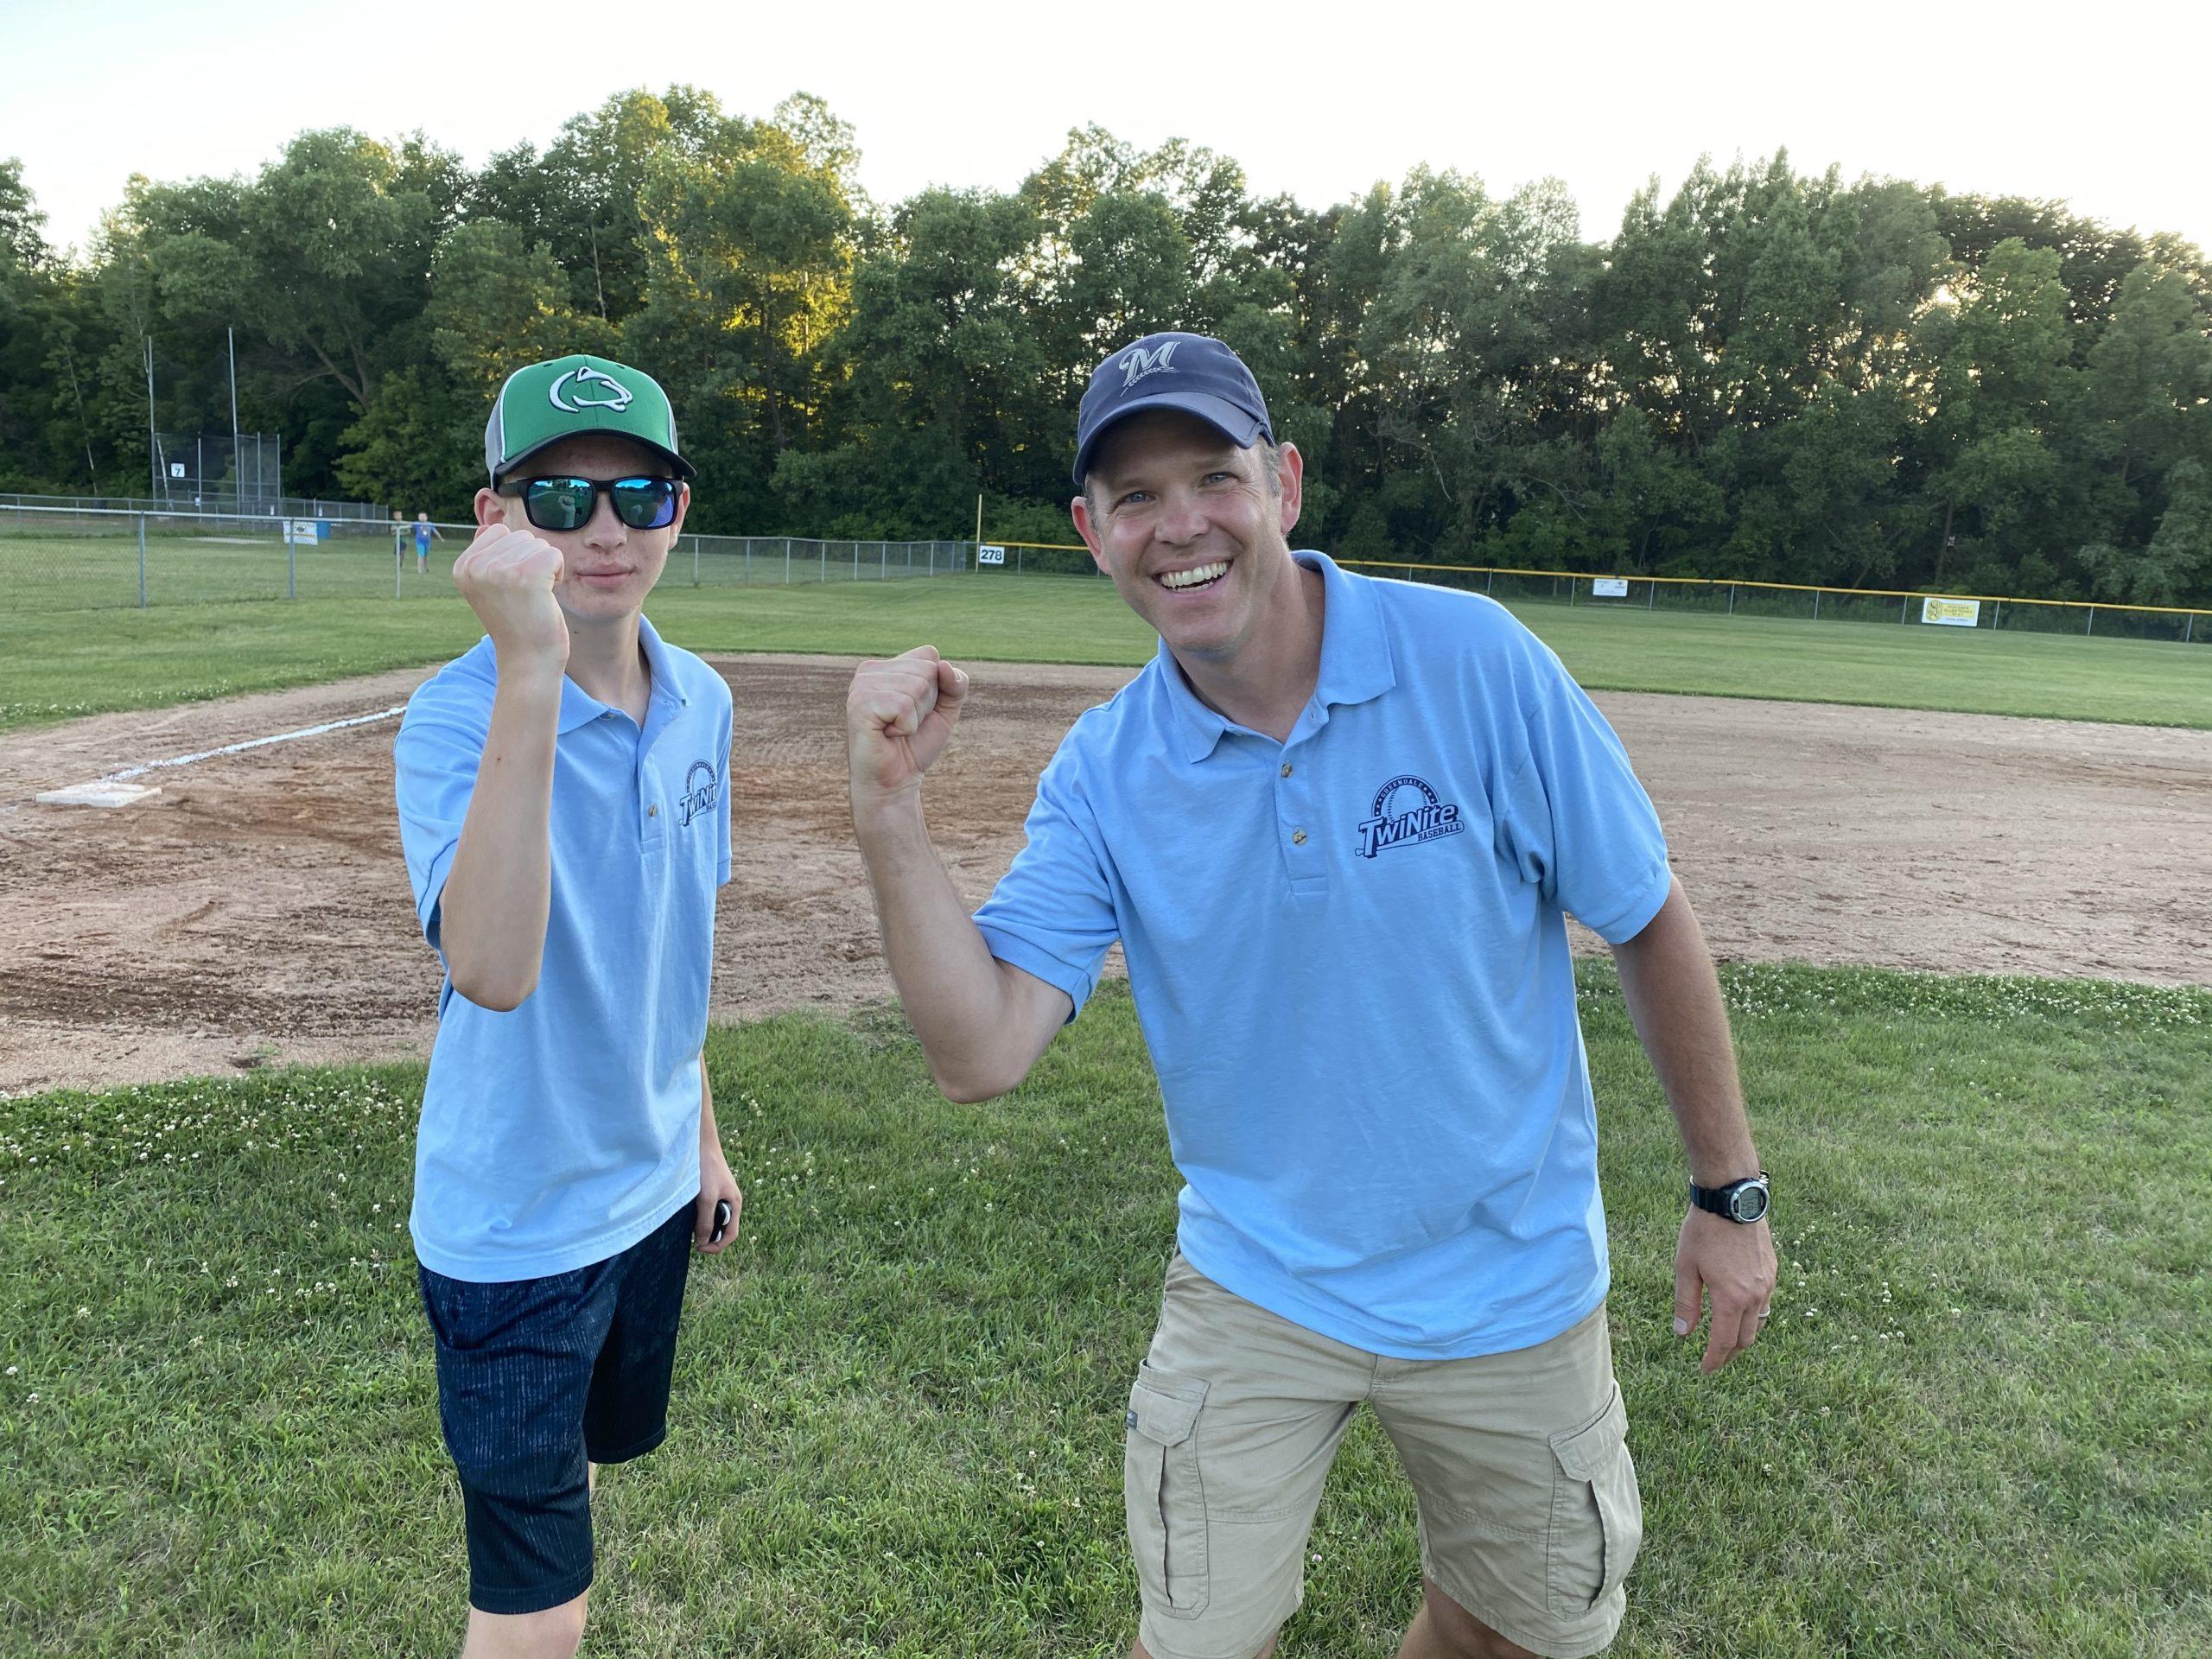 Thanks to our Twi Nite Umpires